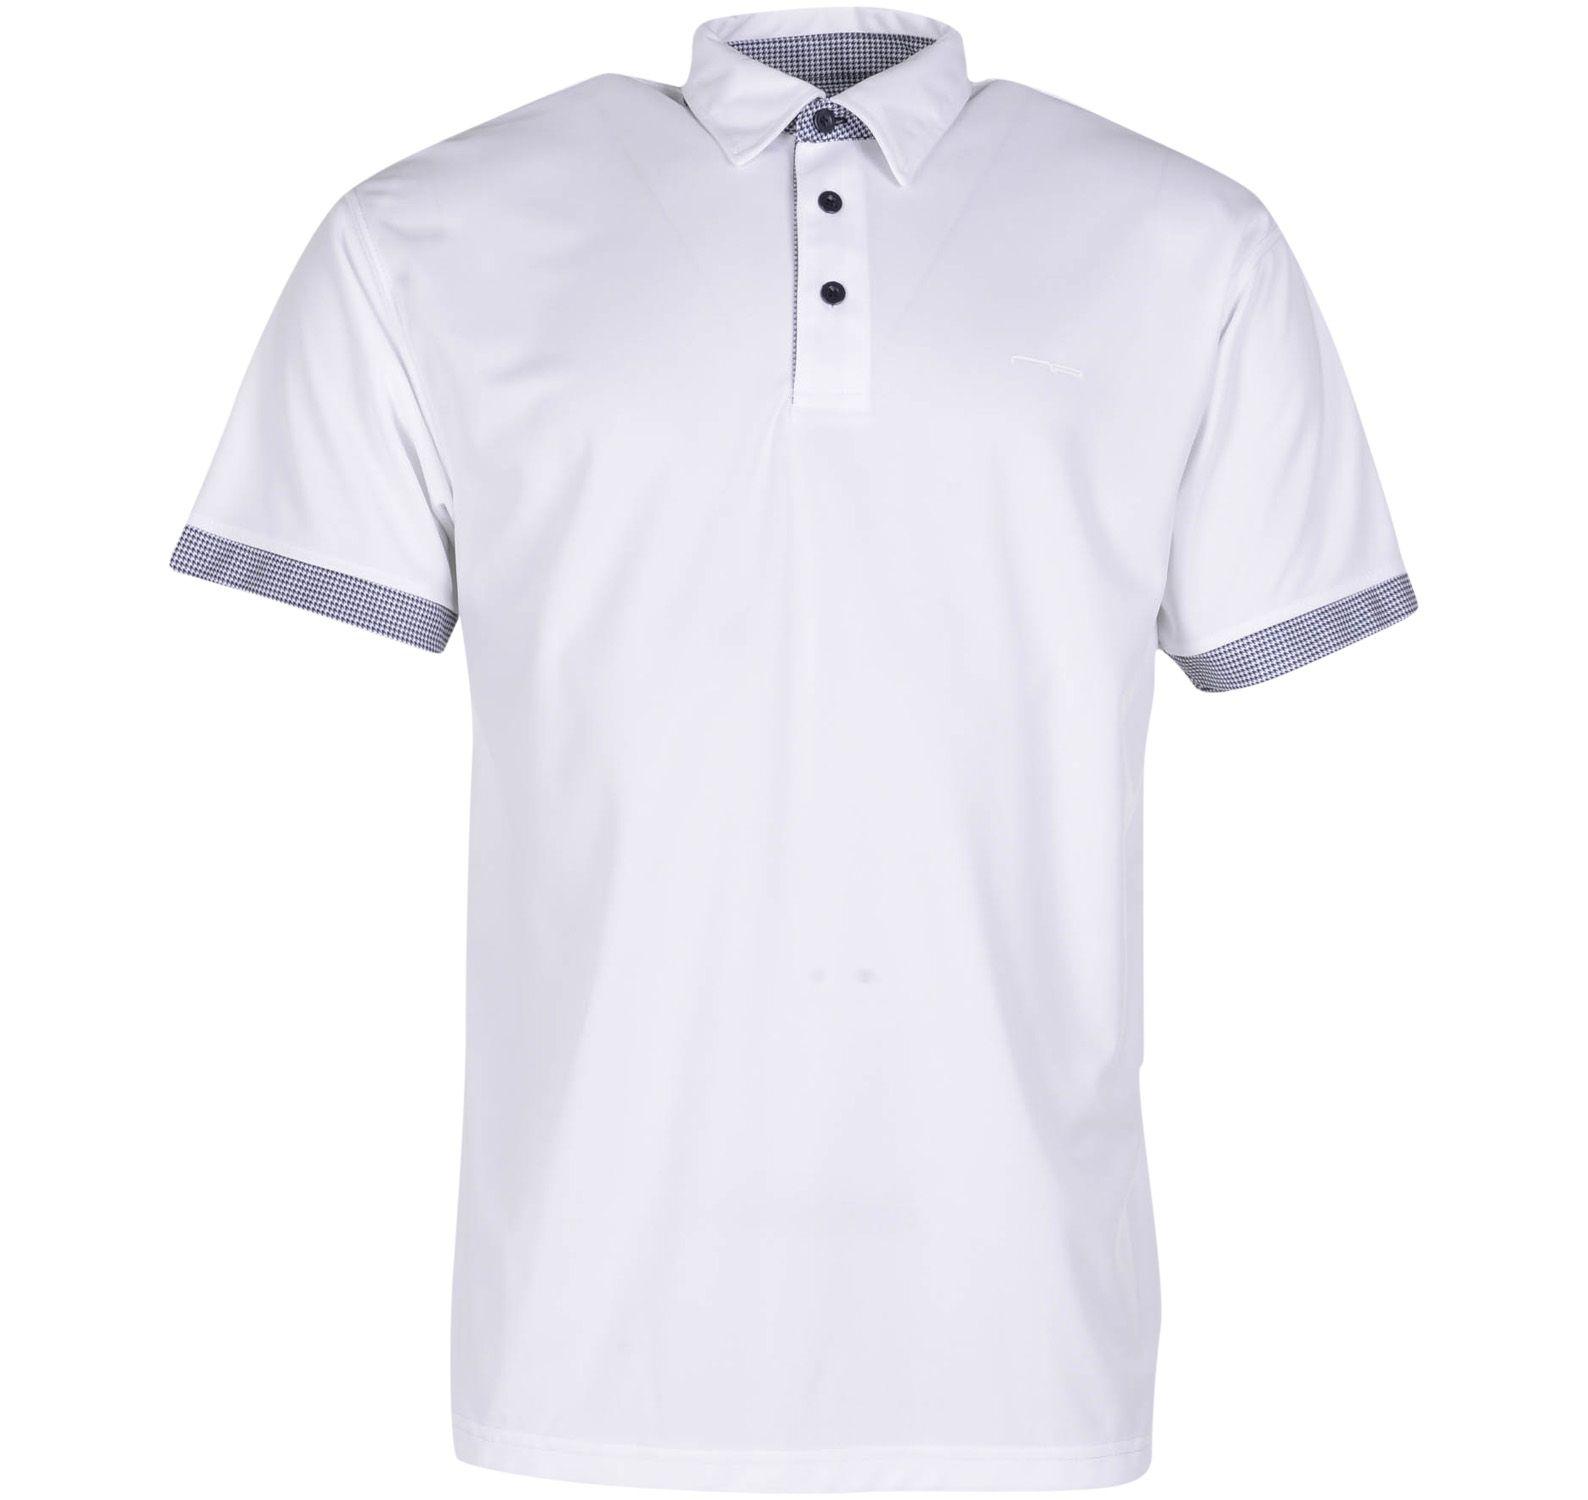 shirt 1806 navy s, white, s, varumärken